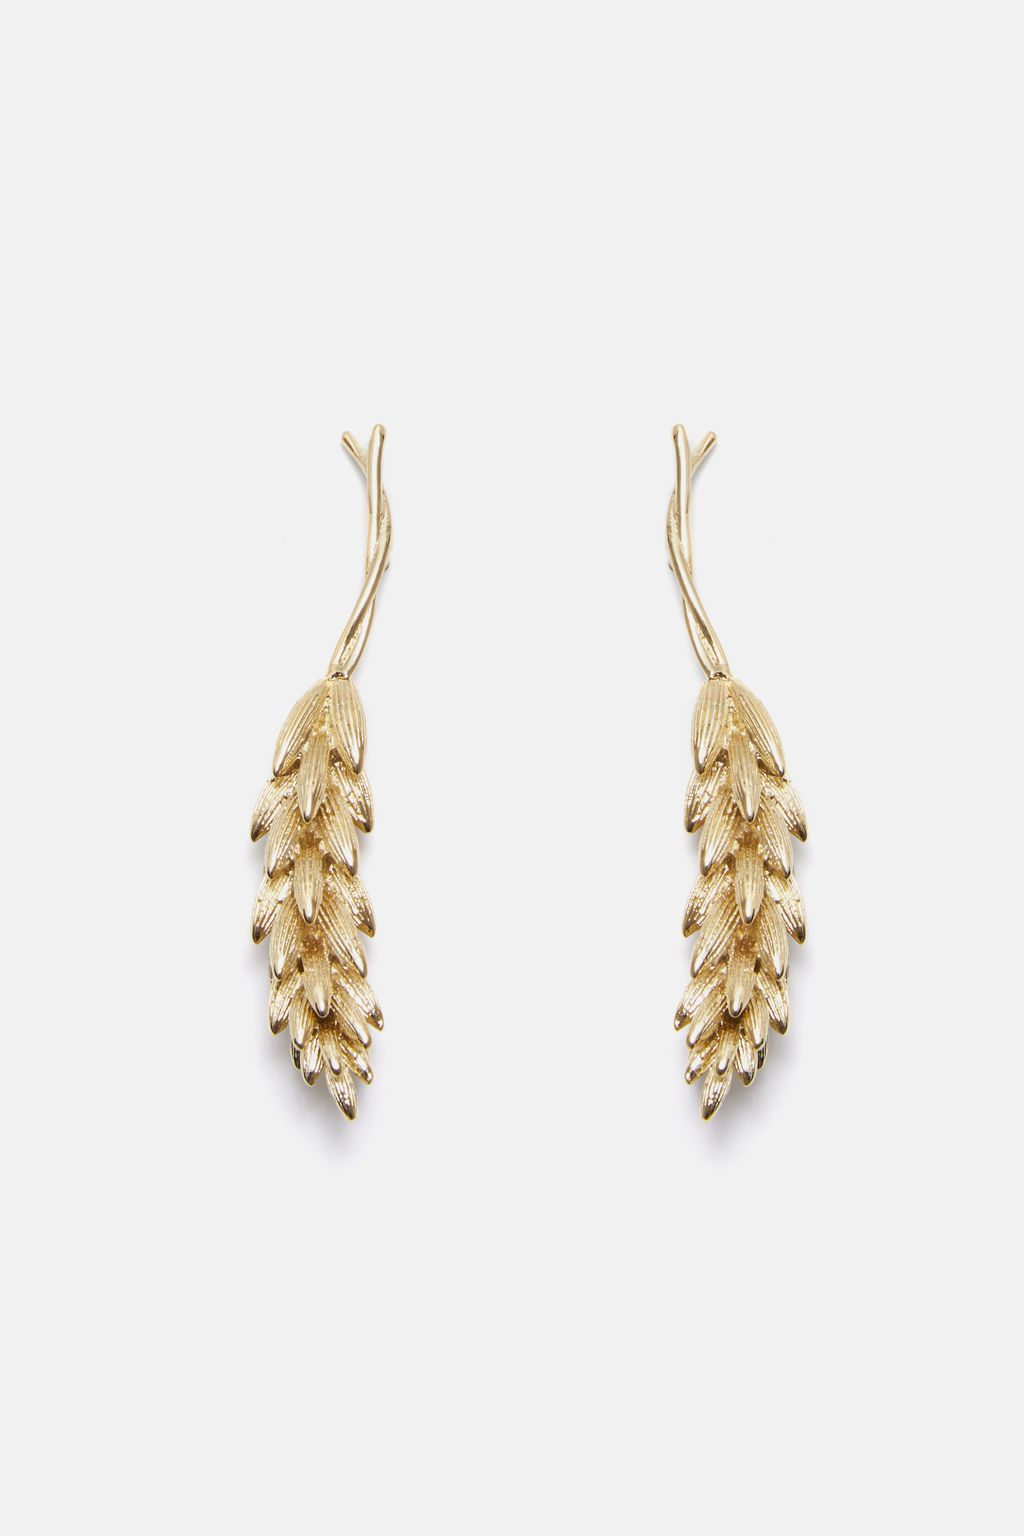 Champ de Blé earrings